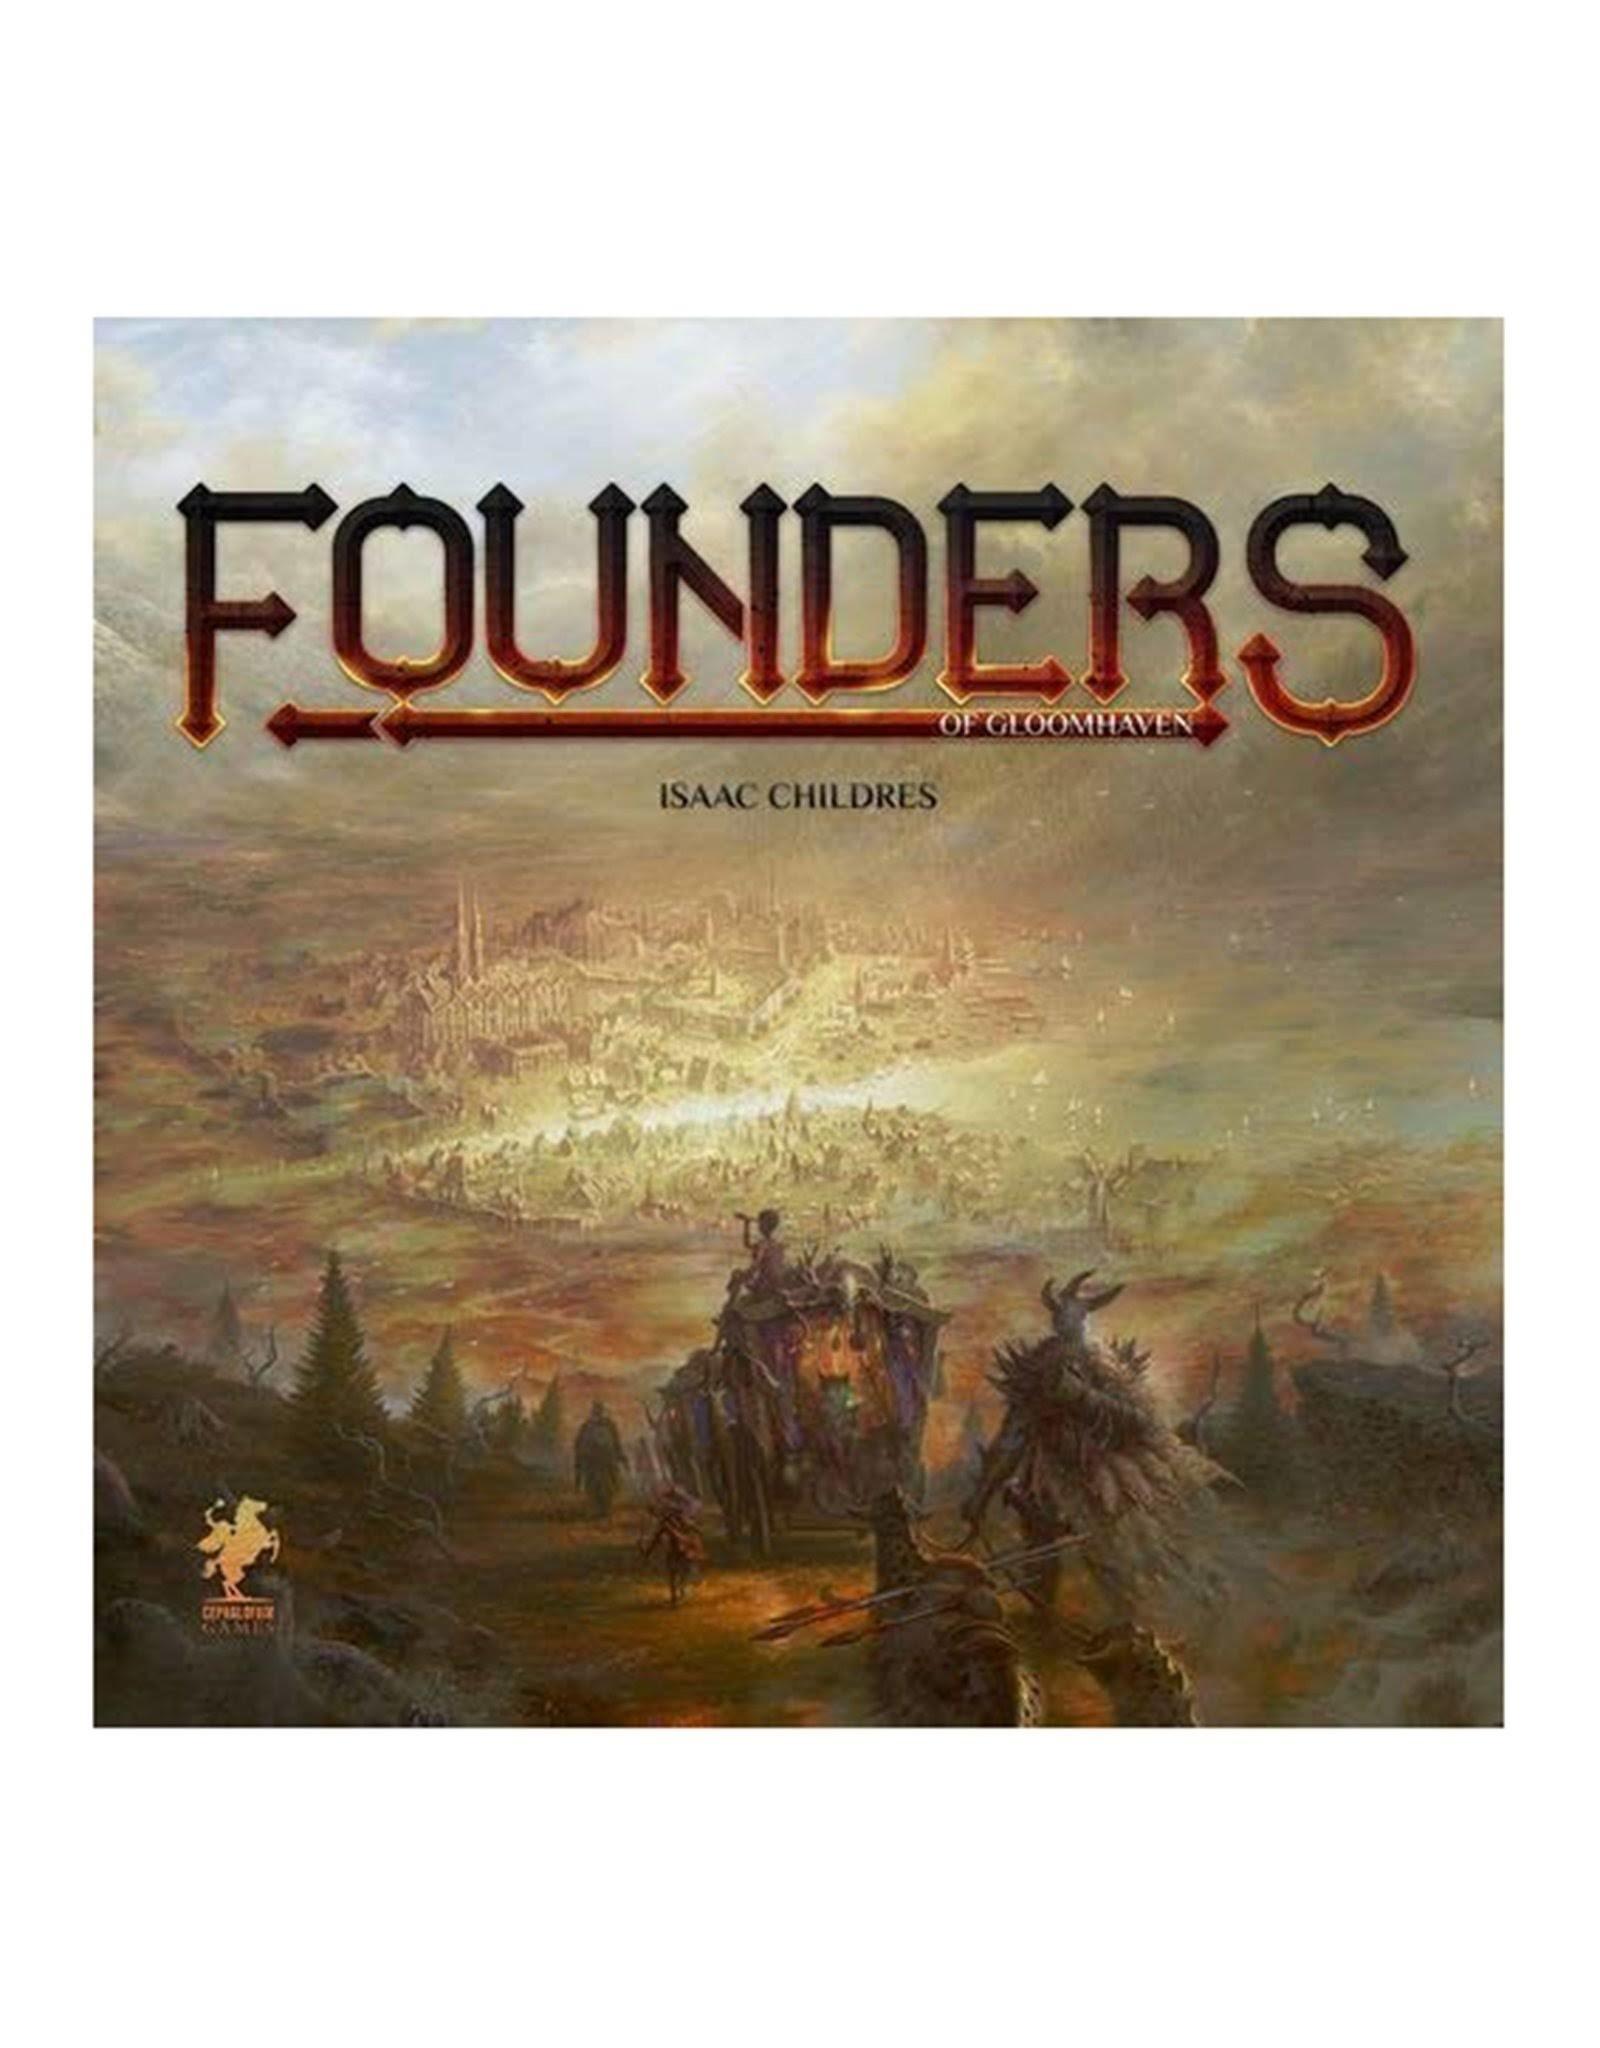 Gloomhaven: Founders of Gloomhaven